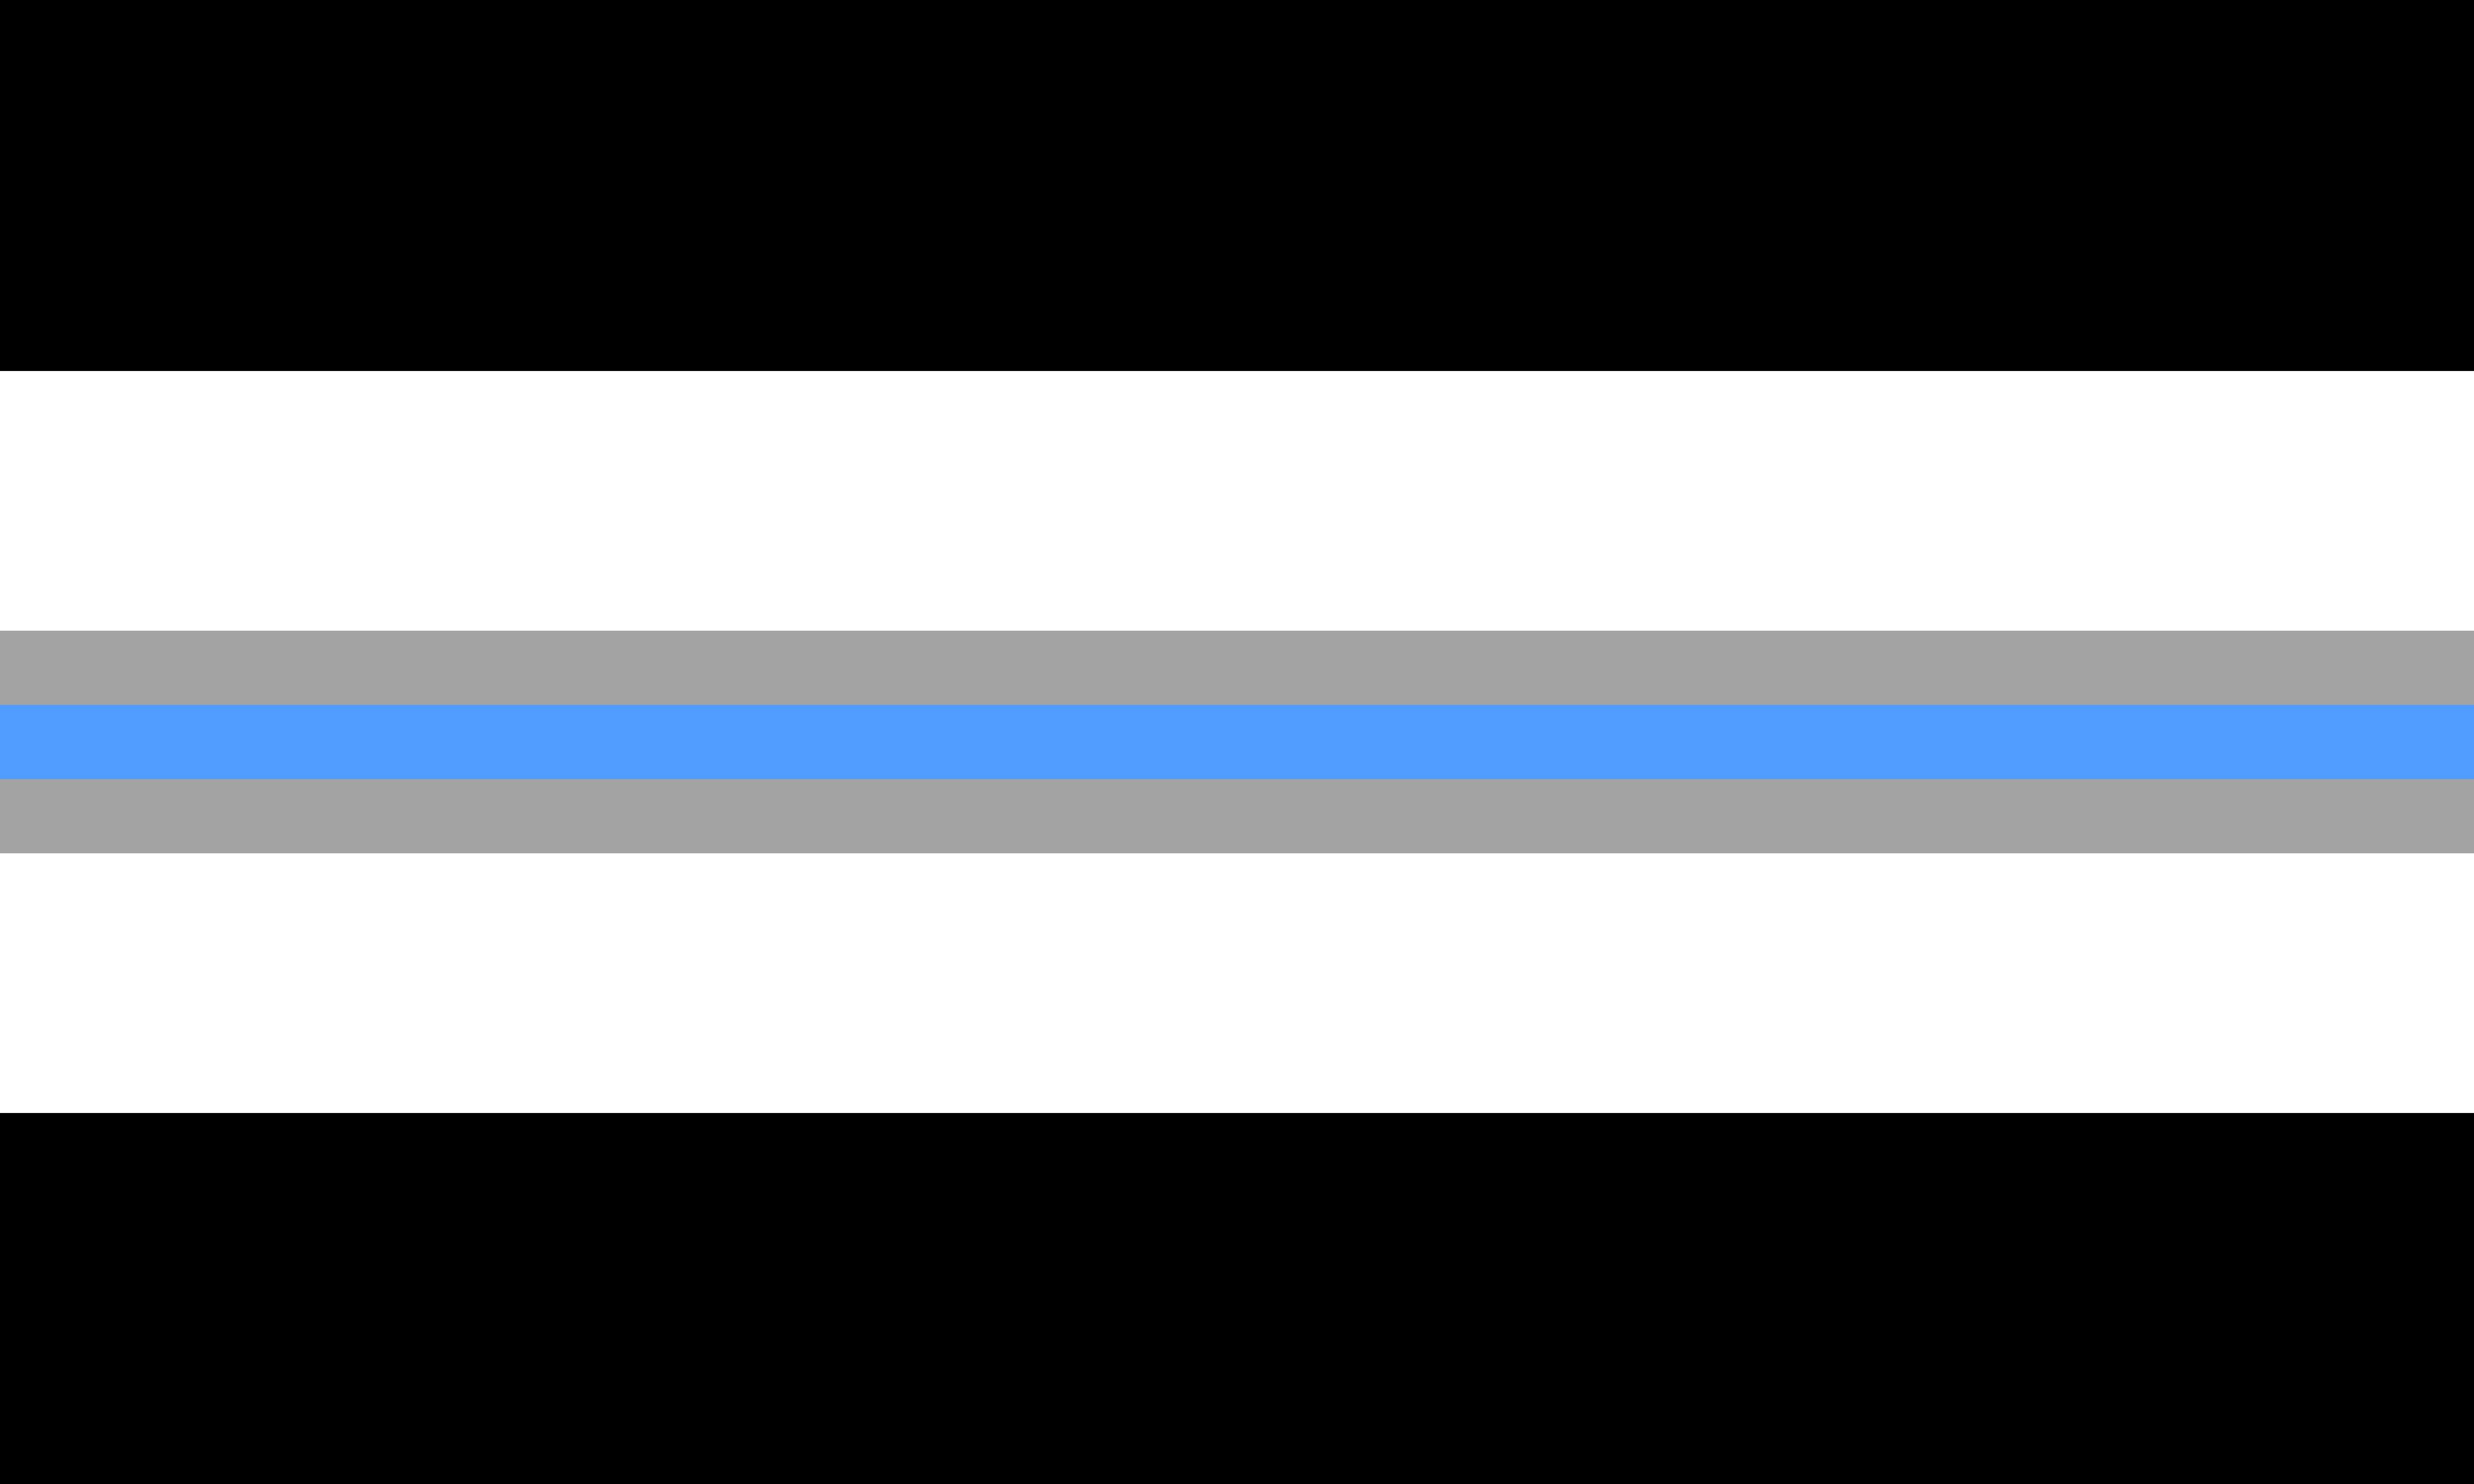 Analterousspike / Alterousspike (2)